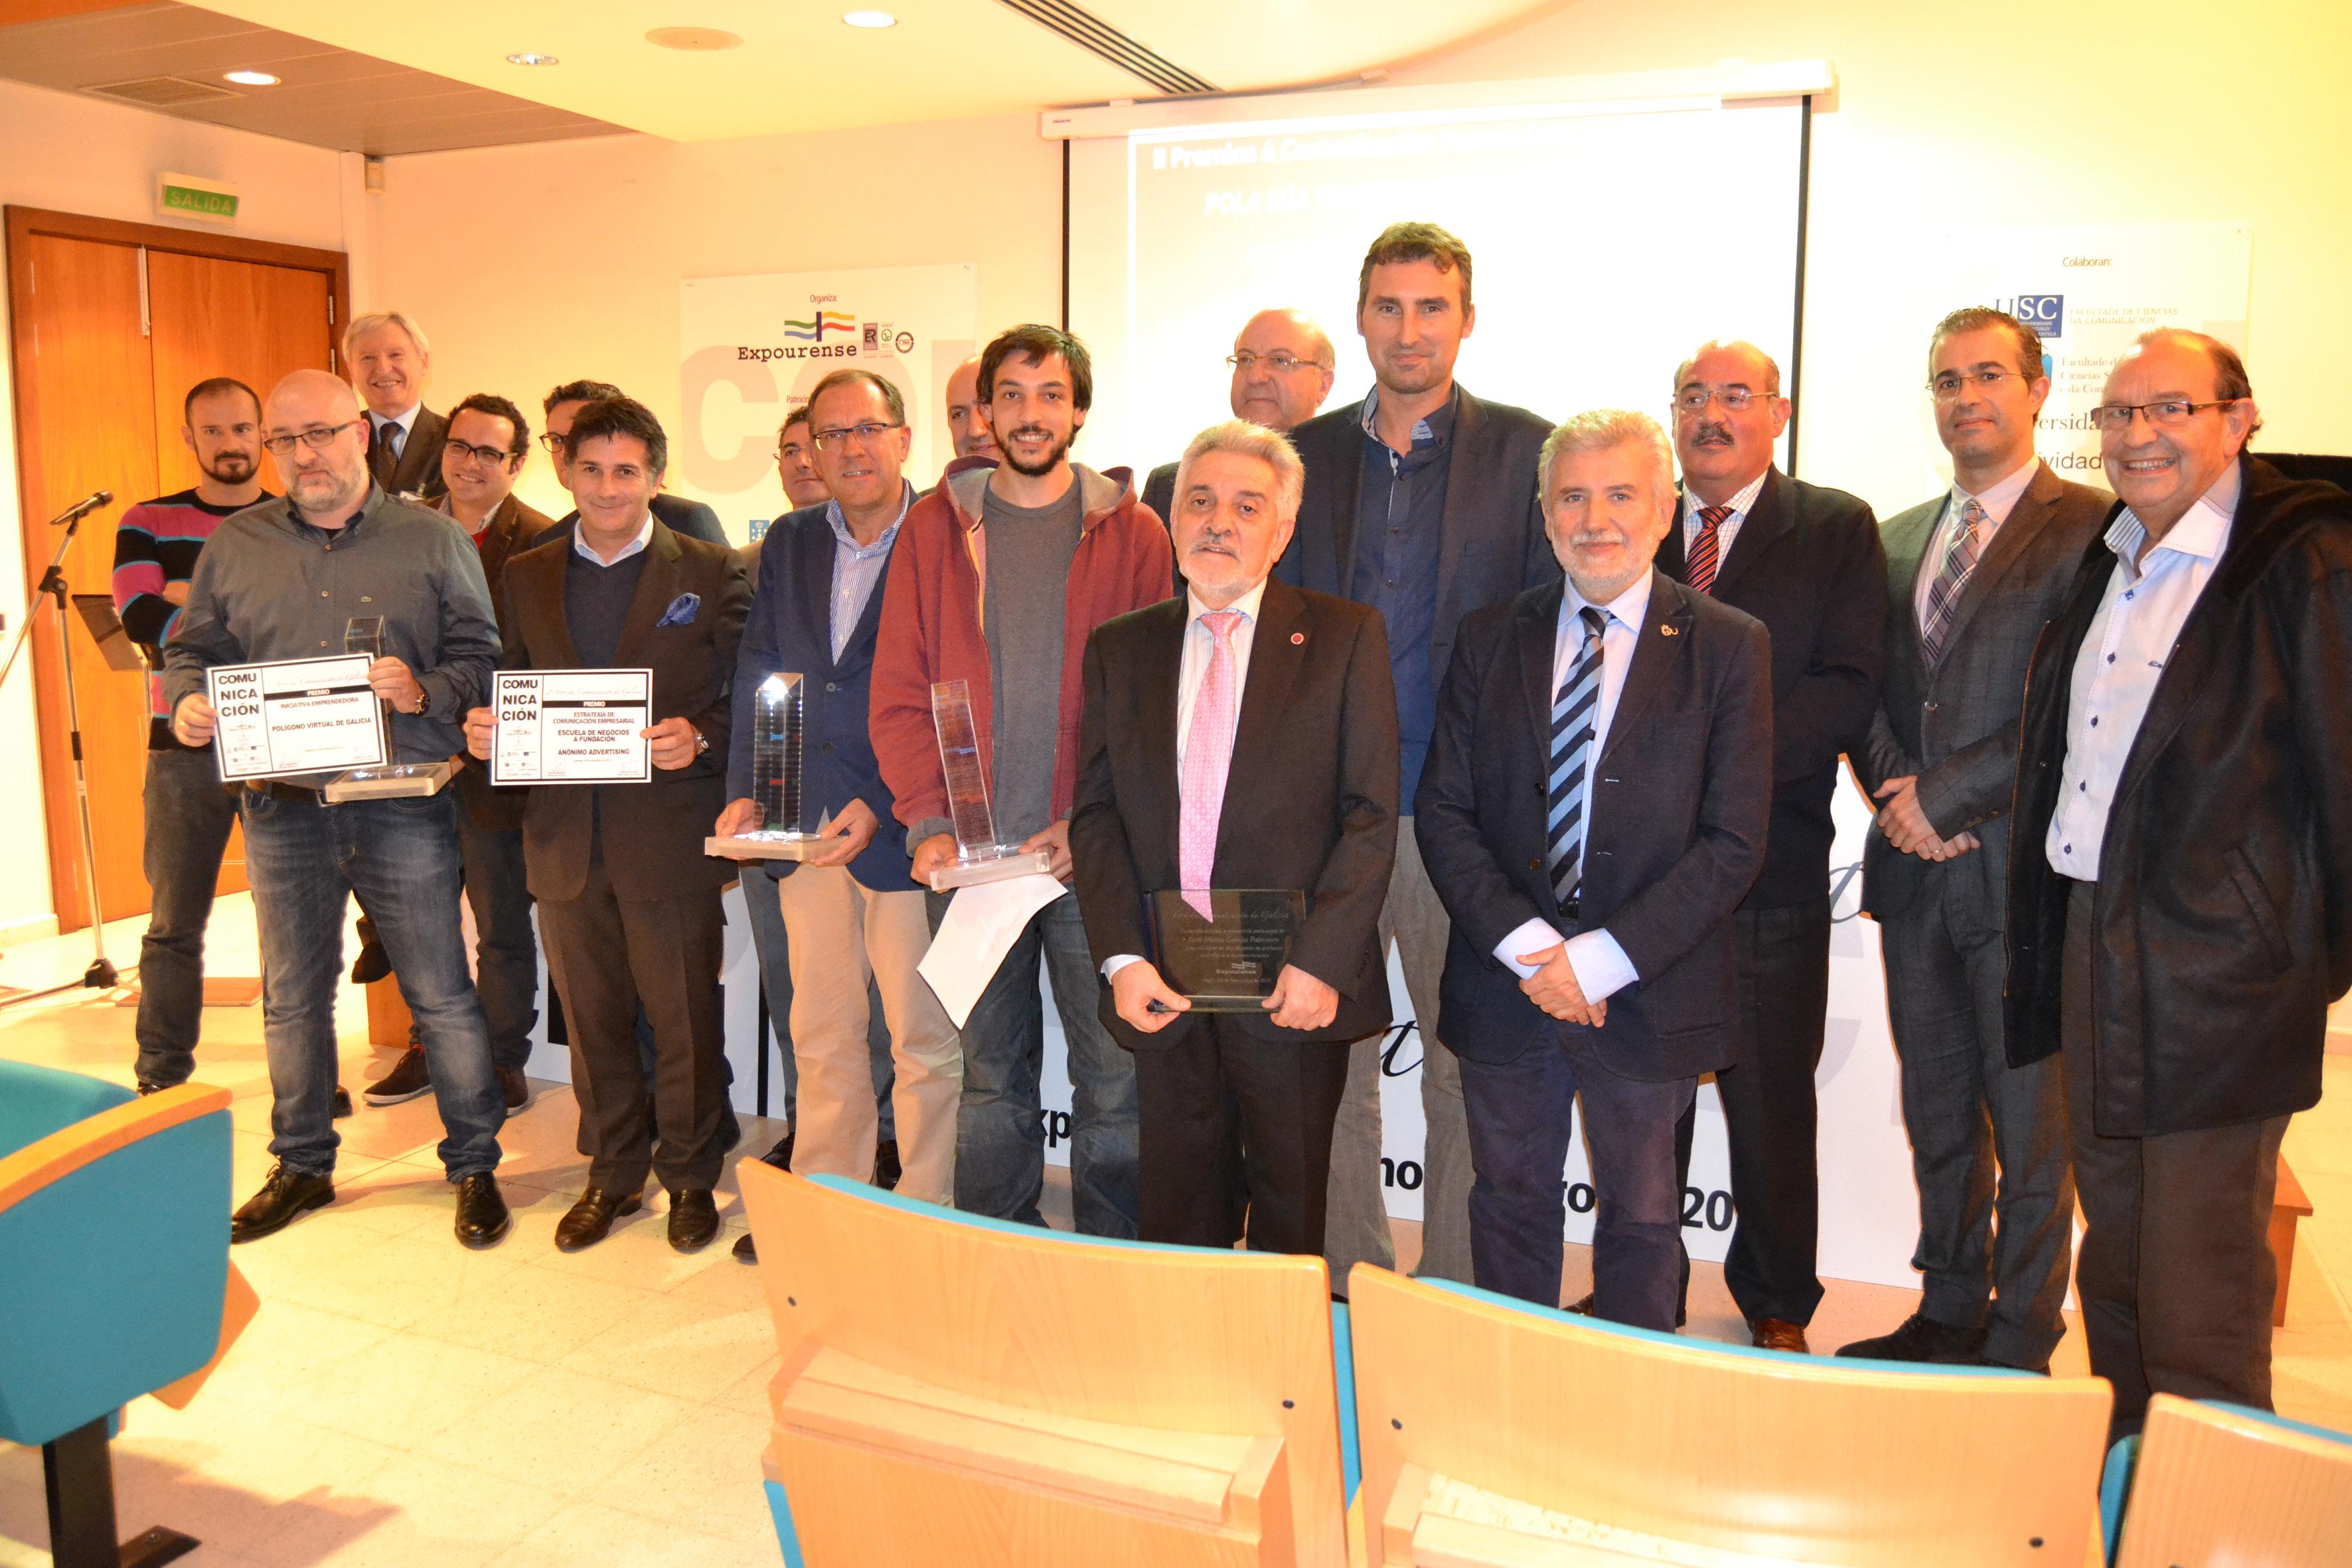 Premio de Comunicación de Galicia en II Foro de la Comunicación de Expourense 2014 Escuela de Negocios Afundación Anónimo Advertising